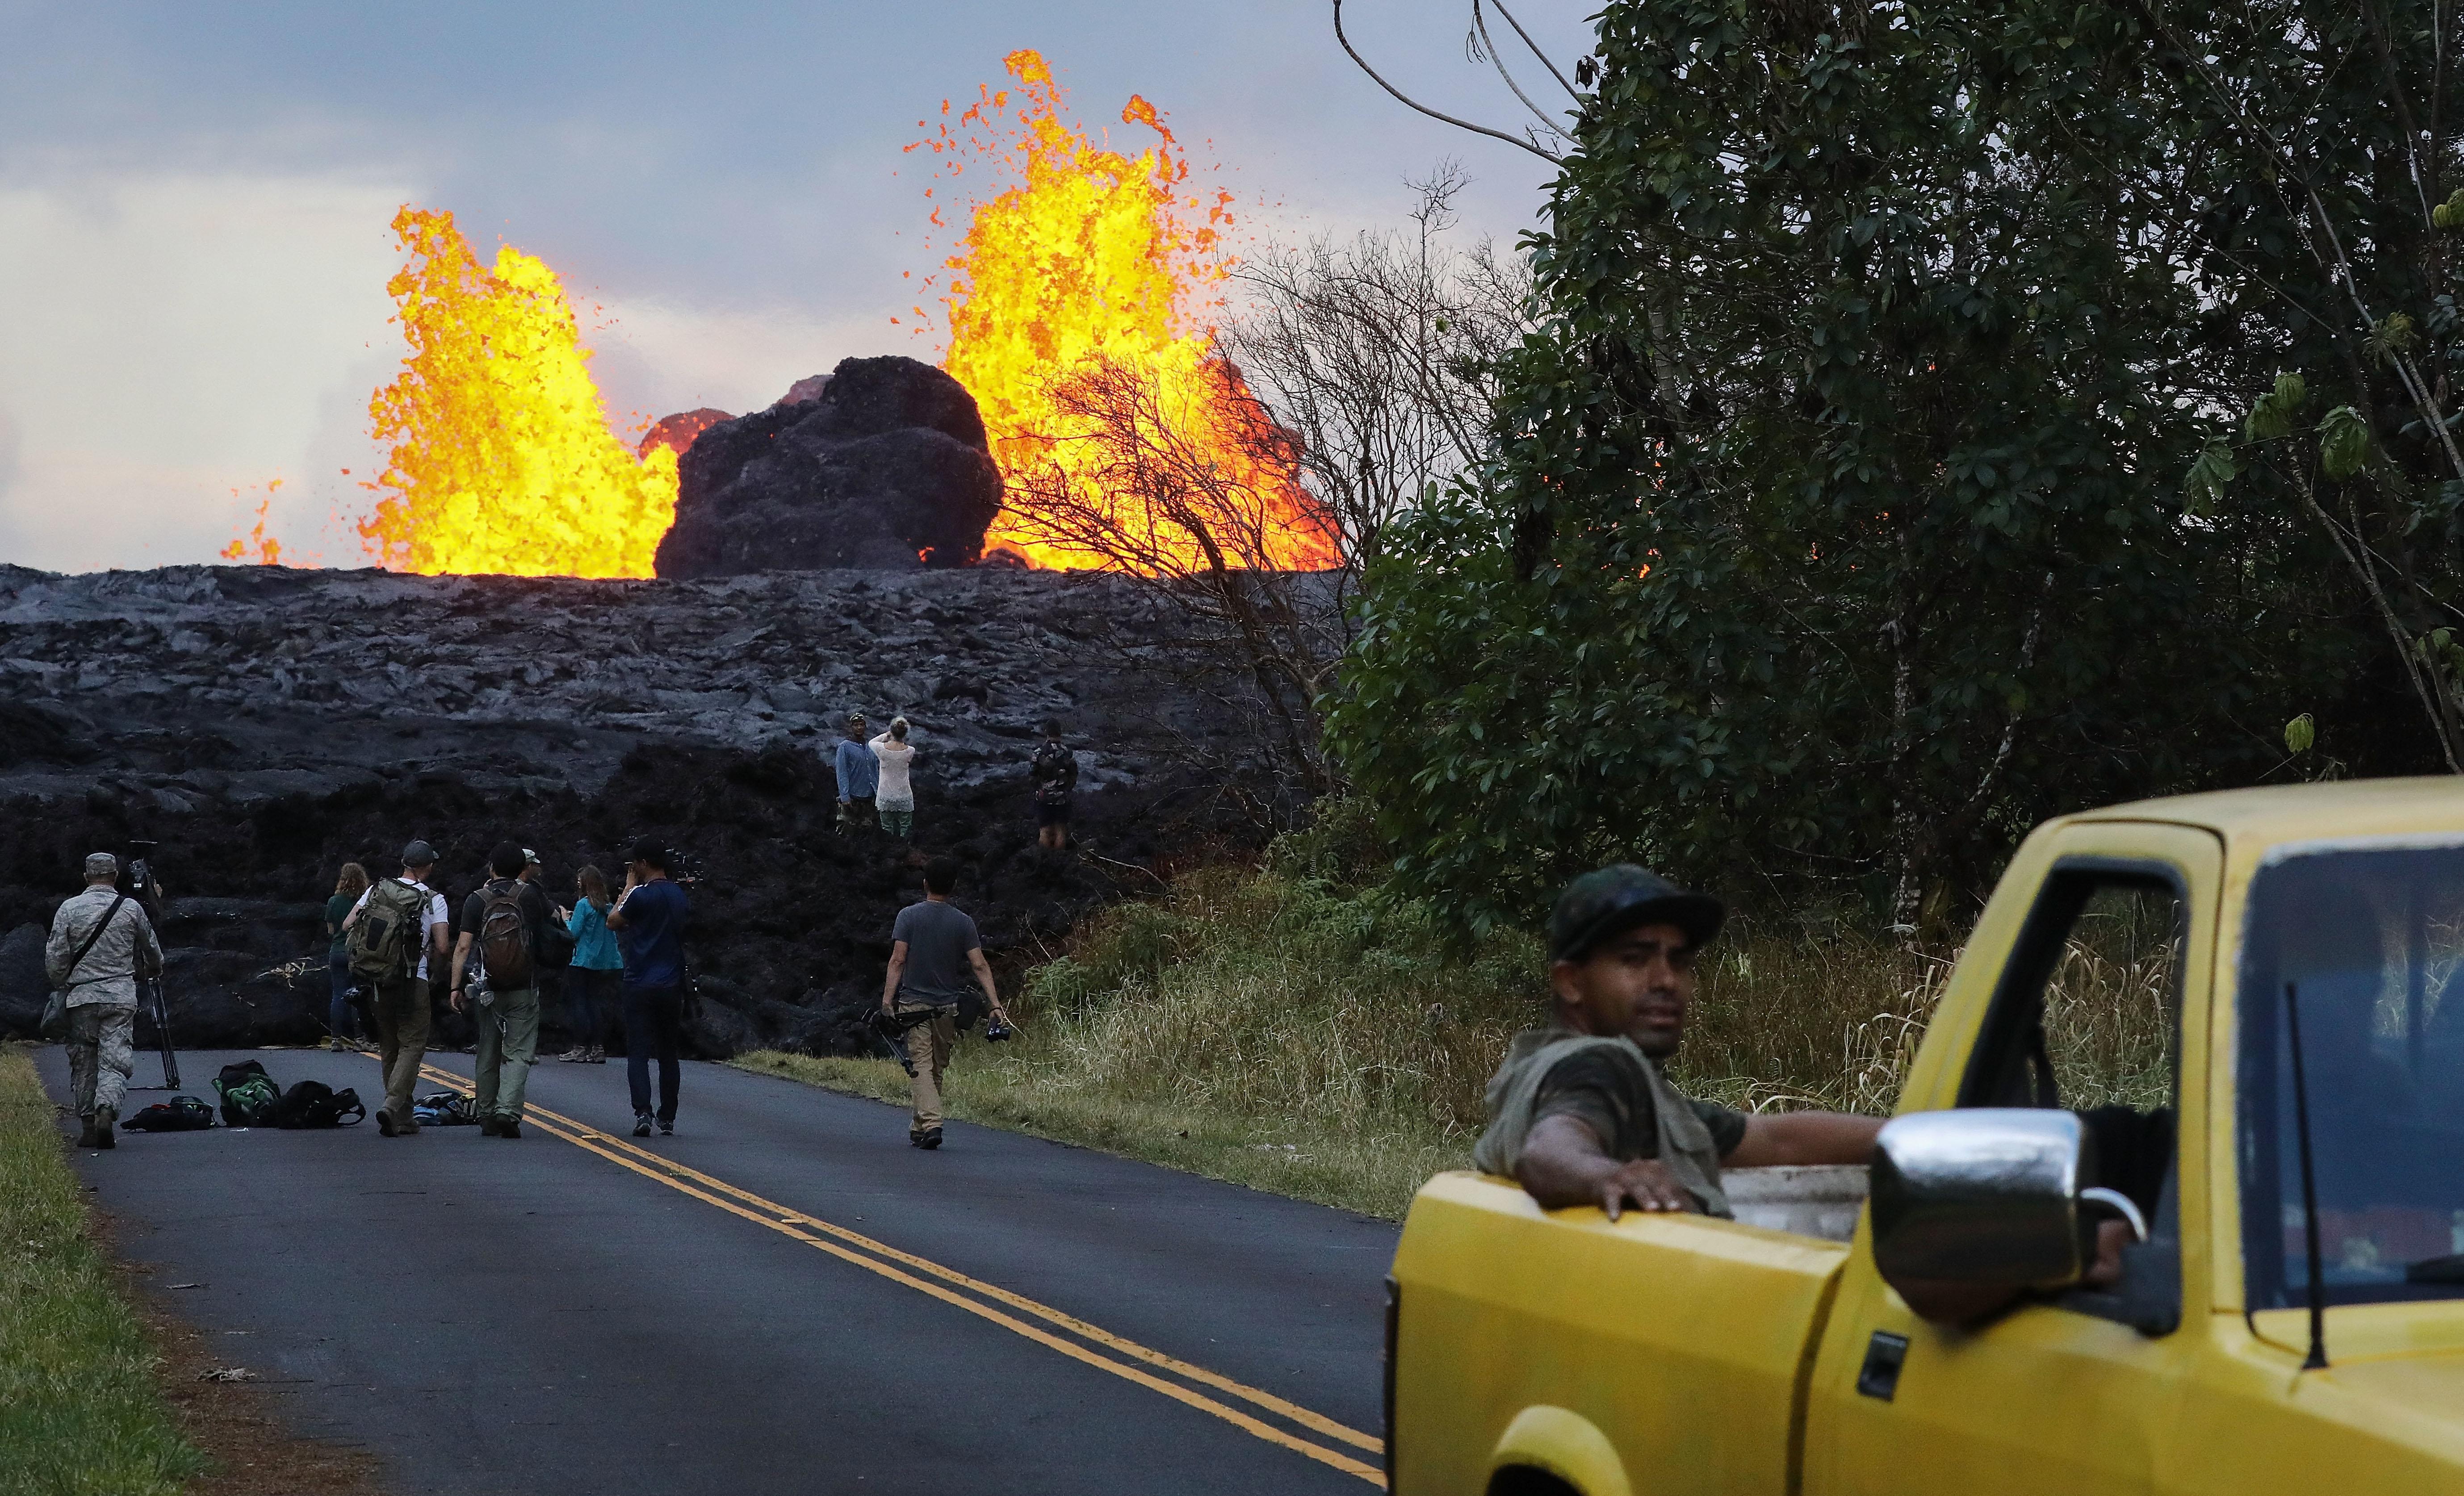 Οι πιο πολύνεκρες εκρήξεις ηφαιστείων τα τελευταία 25